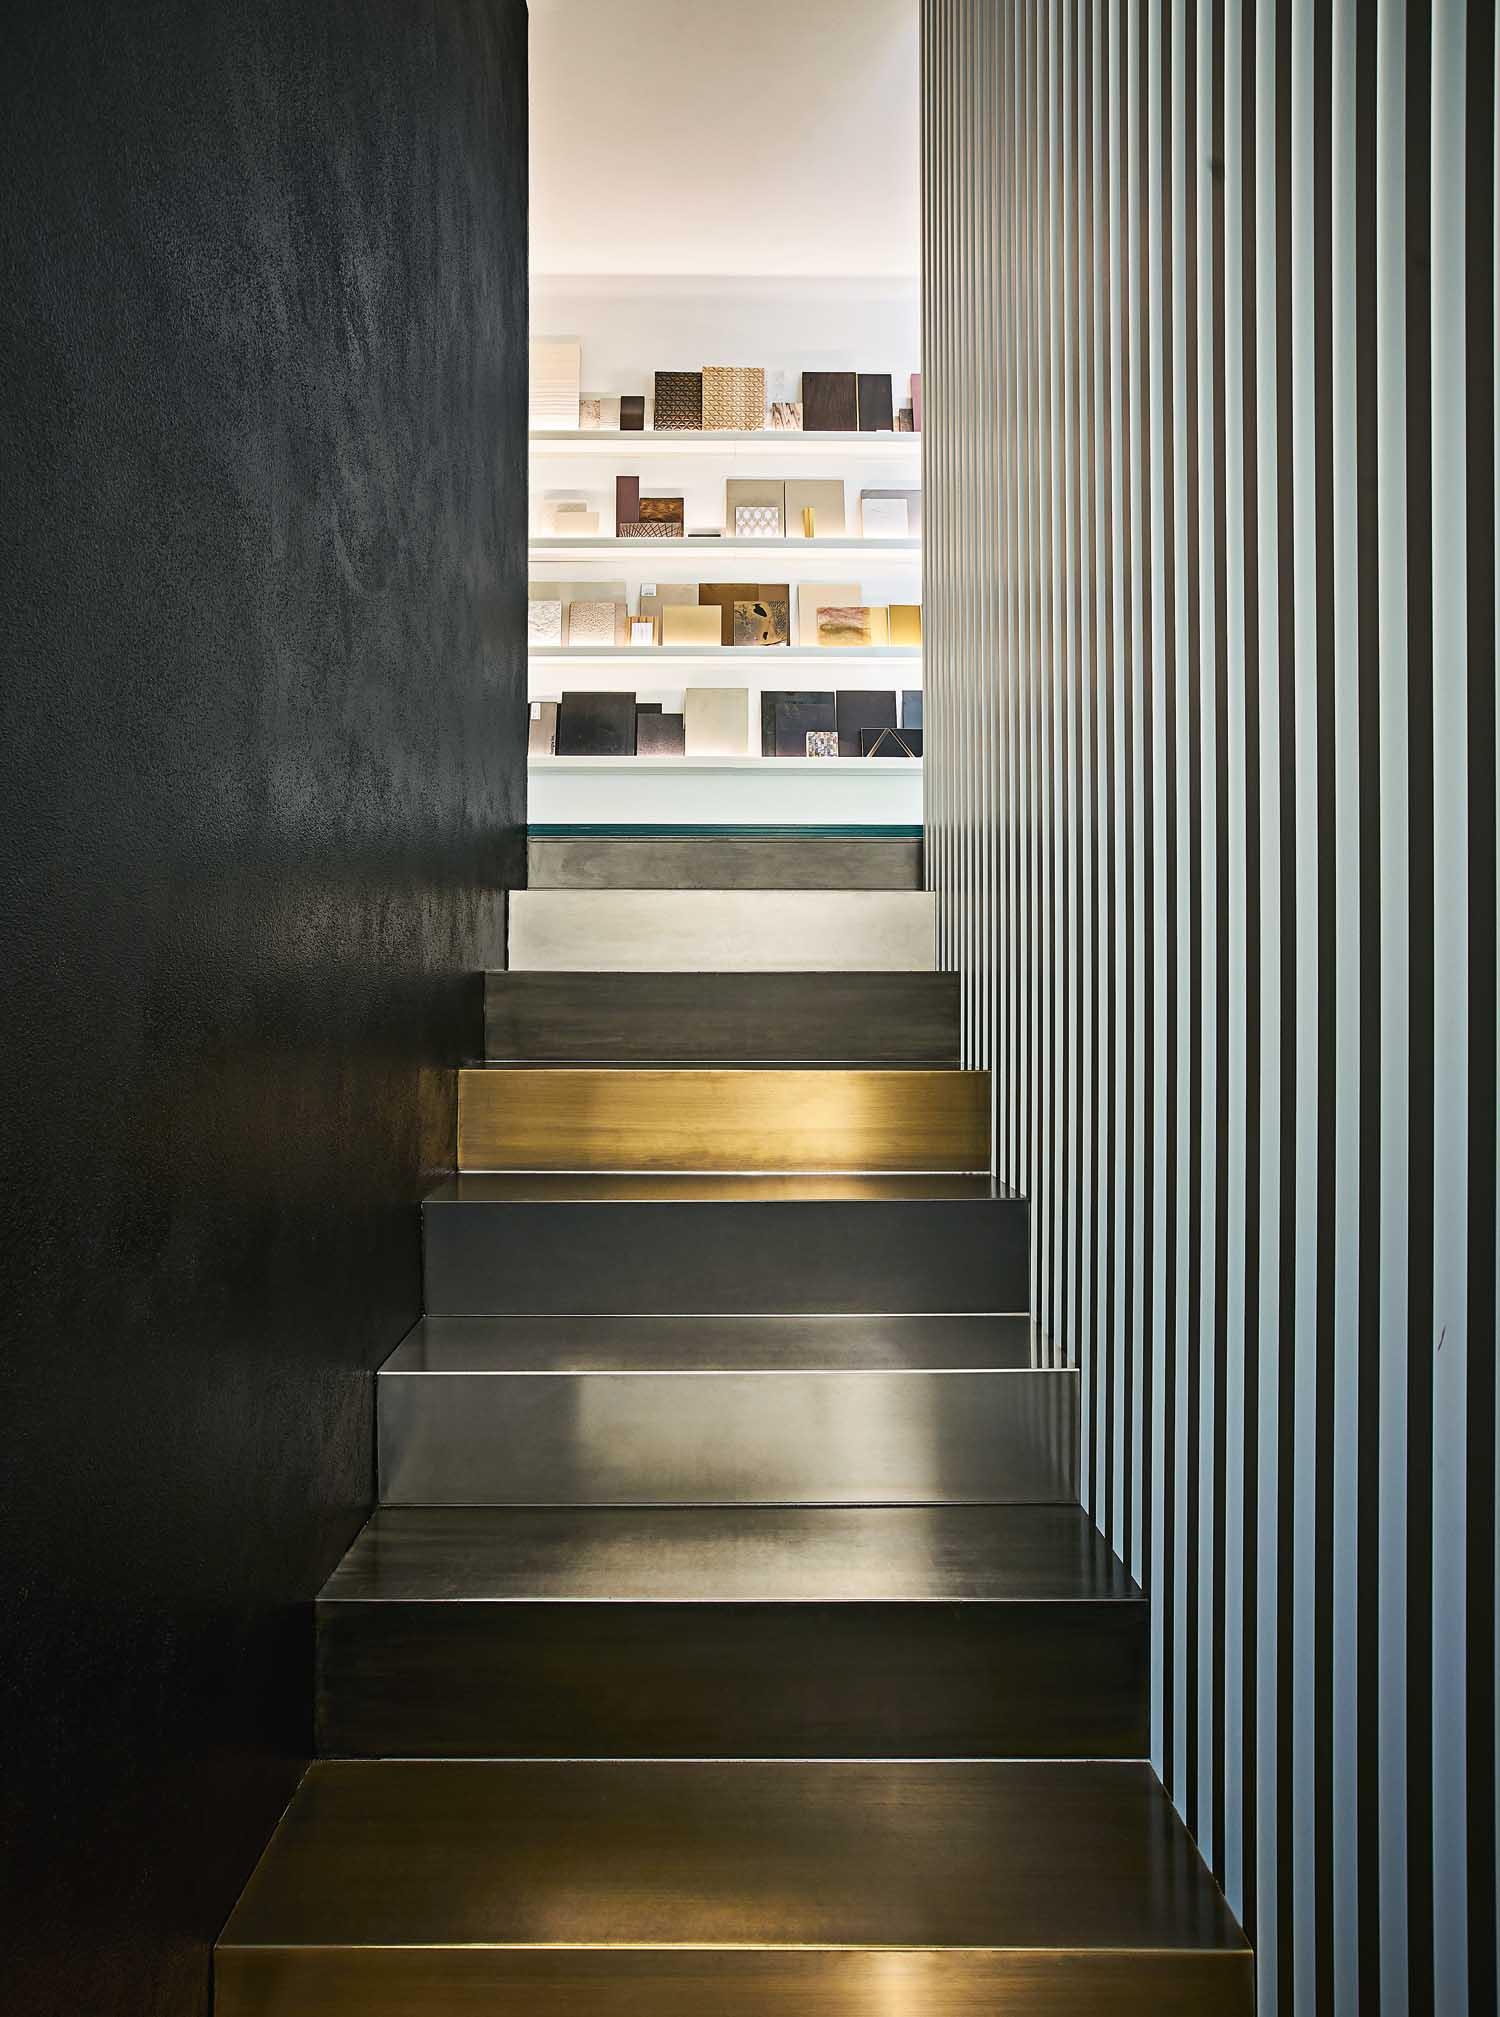 Casa-studio L29, Milano - © Lorenzo Pennati, courtesy m2atelier La materioteca dello studio è disposta  su due livelli, collegati da una scala in lamiera con scalini in diverse finiture e una parete a listelli in alluminio anodizzato.